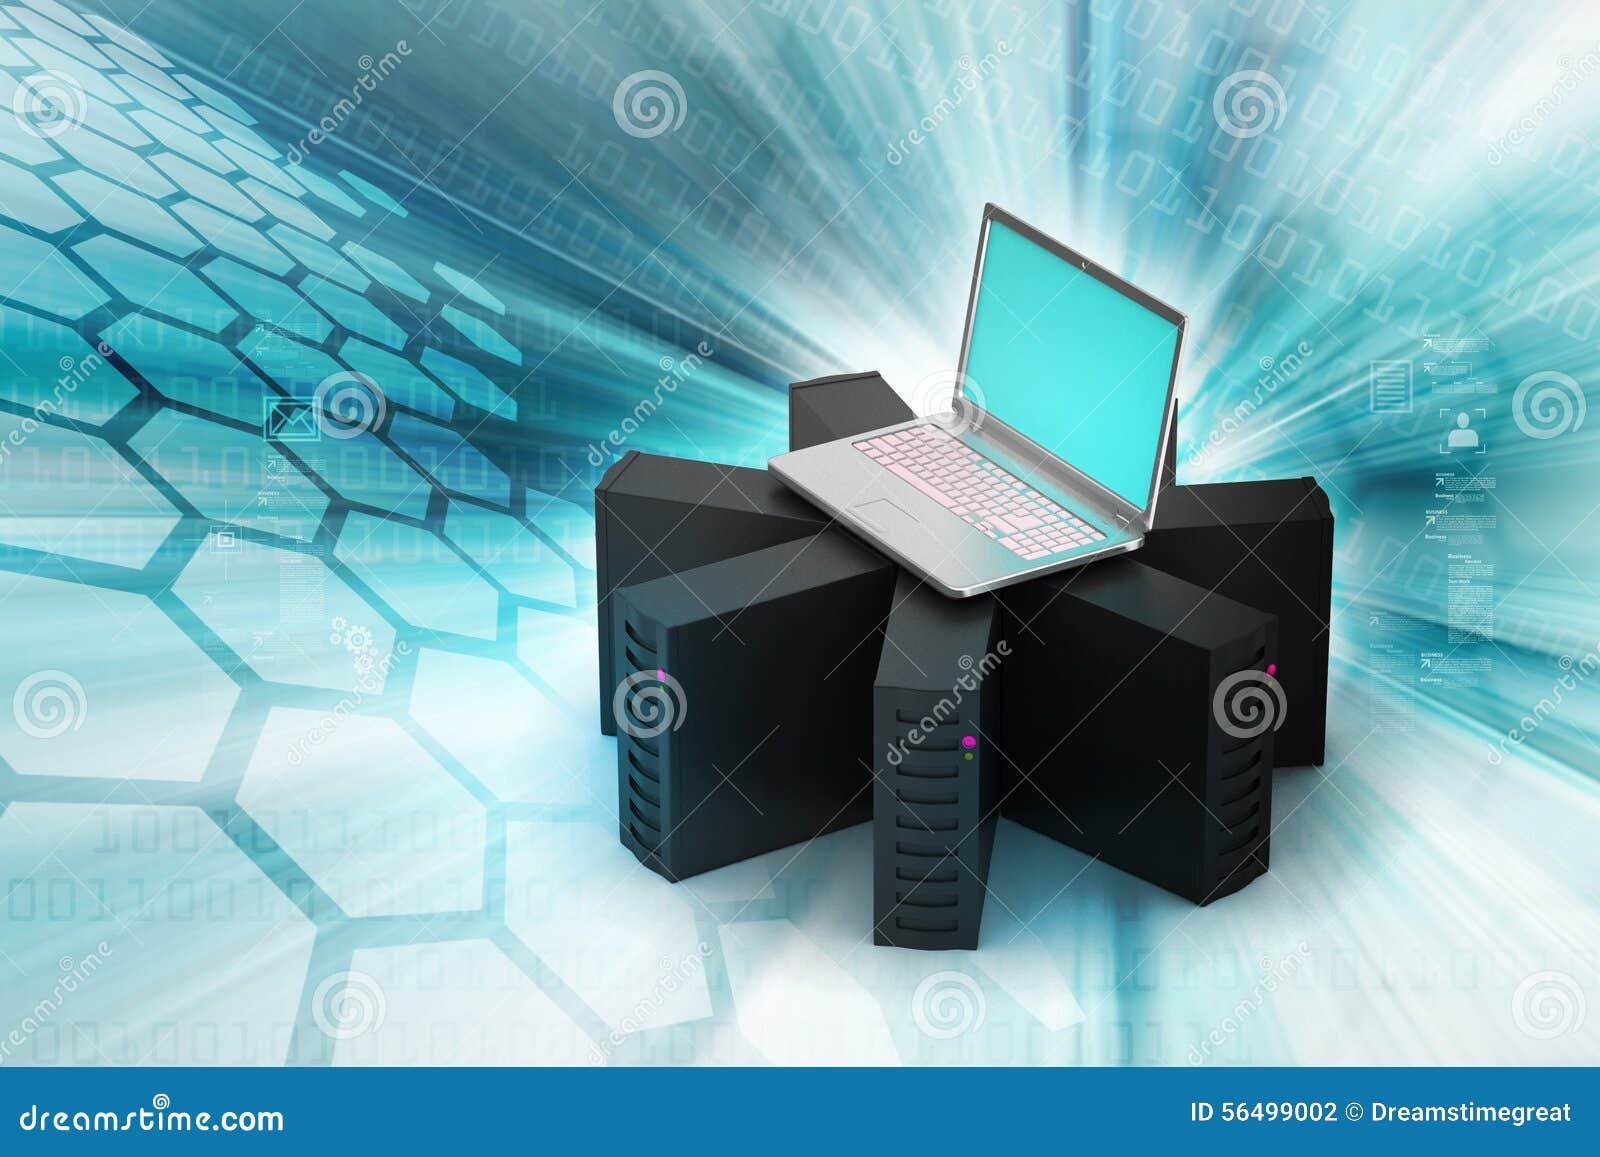 Voorzien van een netwerk en communicatie concept stock illustratie afbeelding 56499002 - Een wasruimte voorzien ...